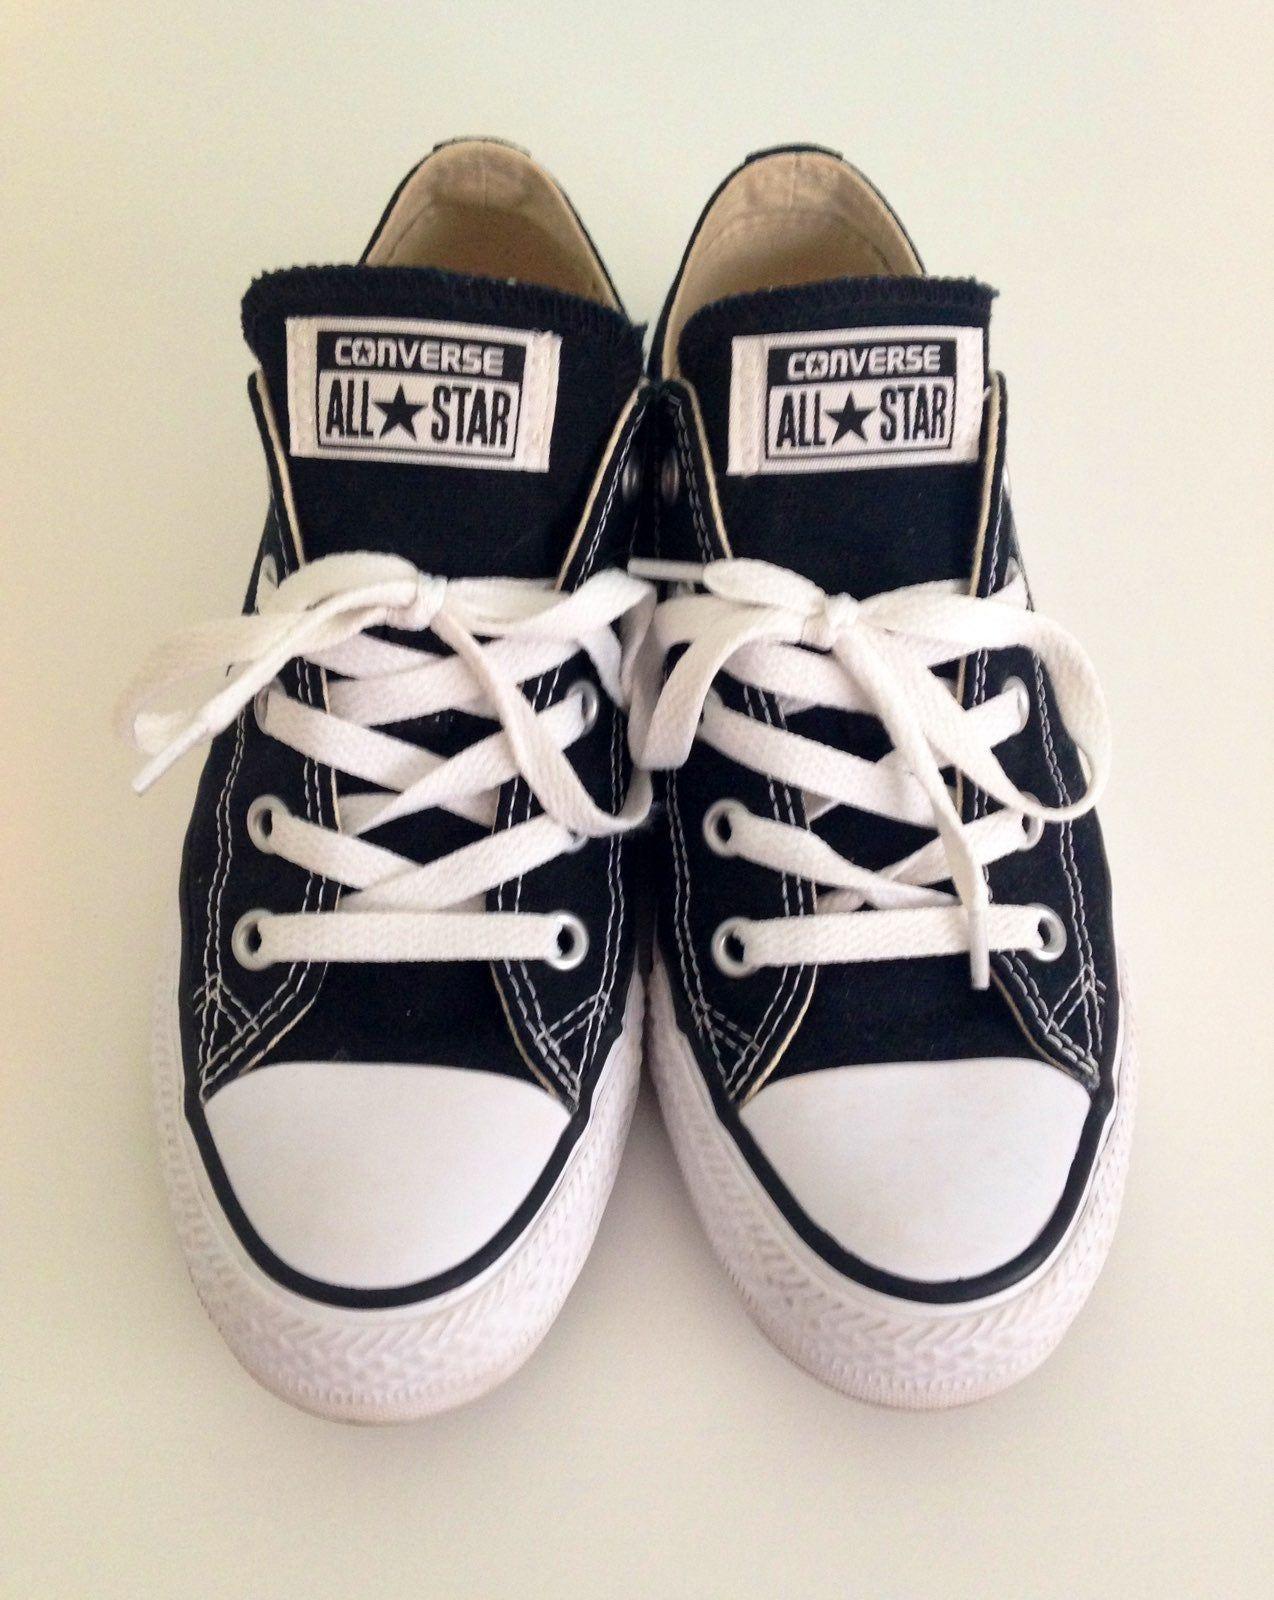 Black converse shoes, women's size 6